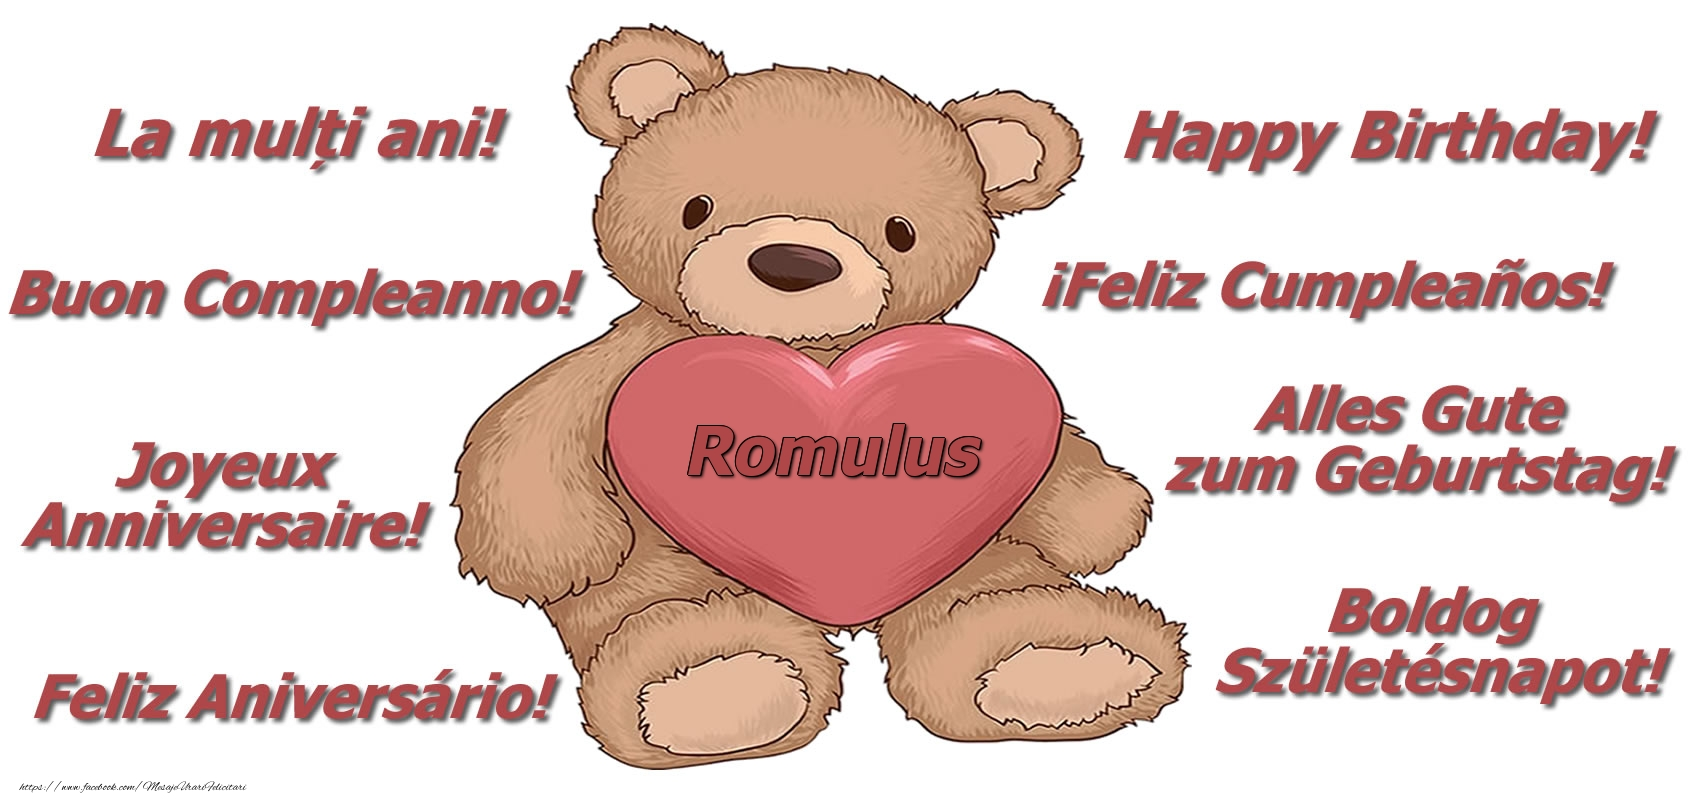 Felicitari de zi de nastere - La multi ani Romulus! - Ursulet